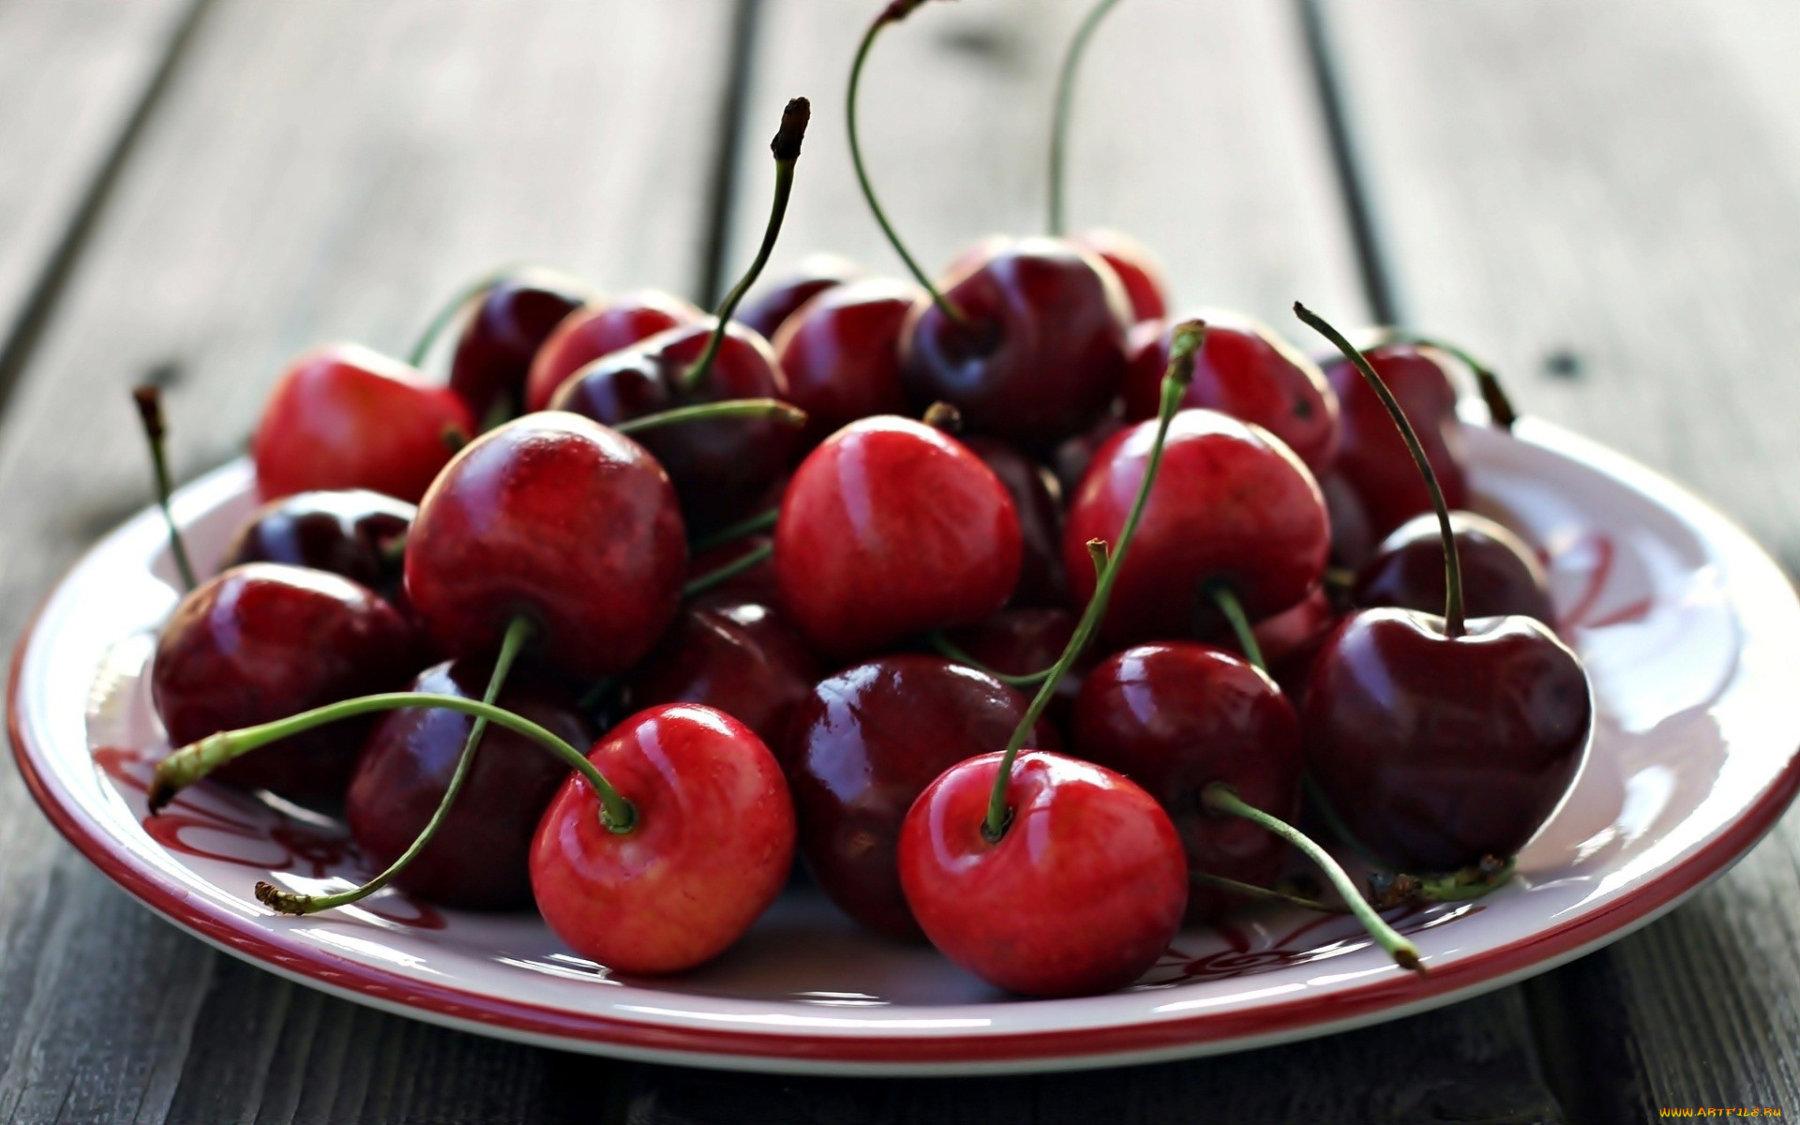 Сезон черешни начался: что нужно знать любителям этой ягоды?